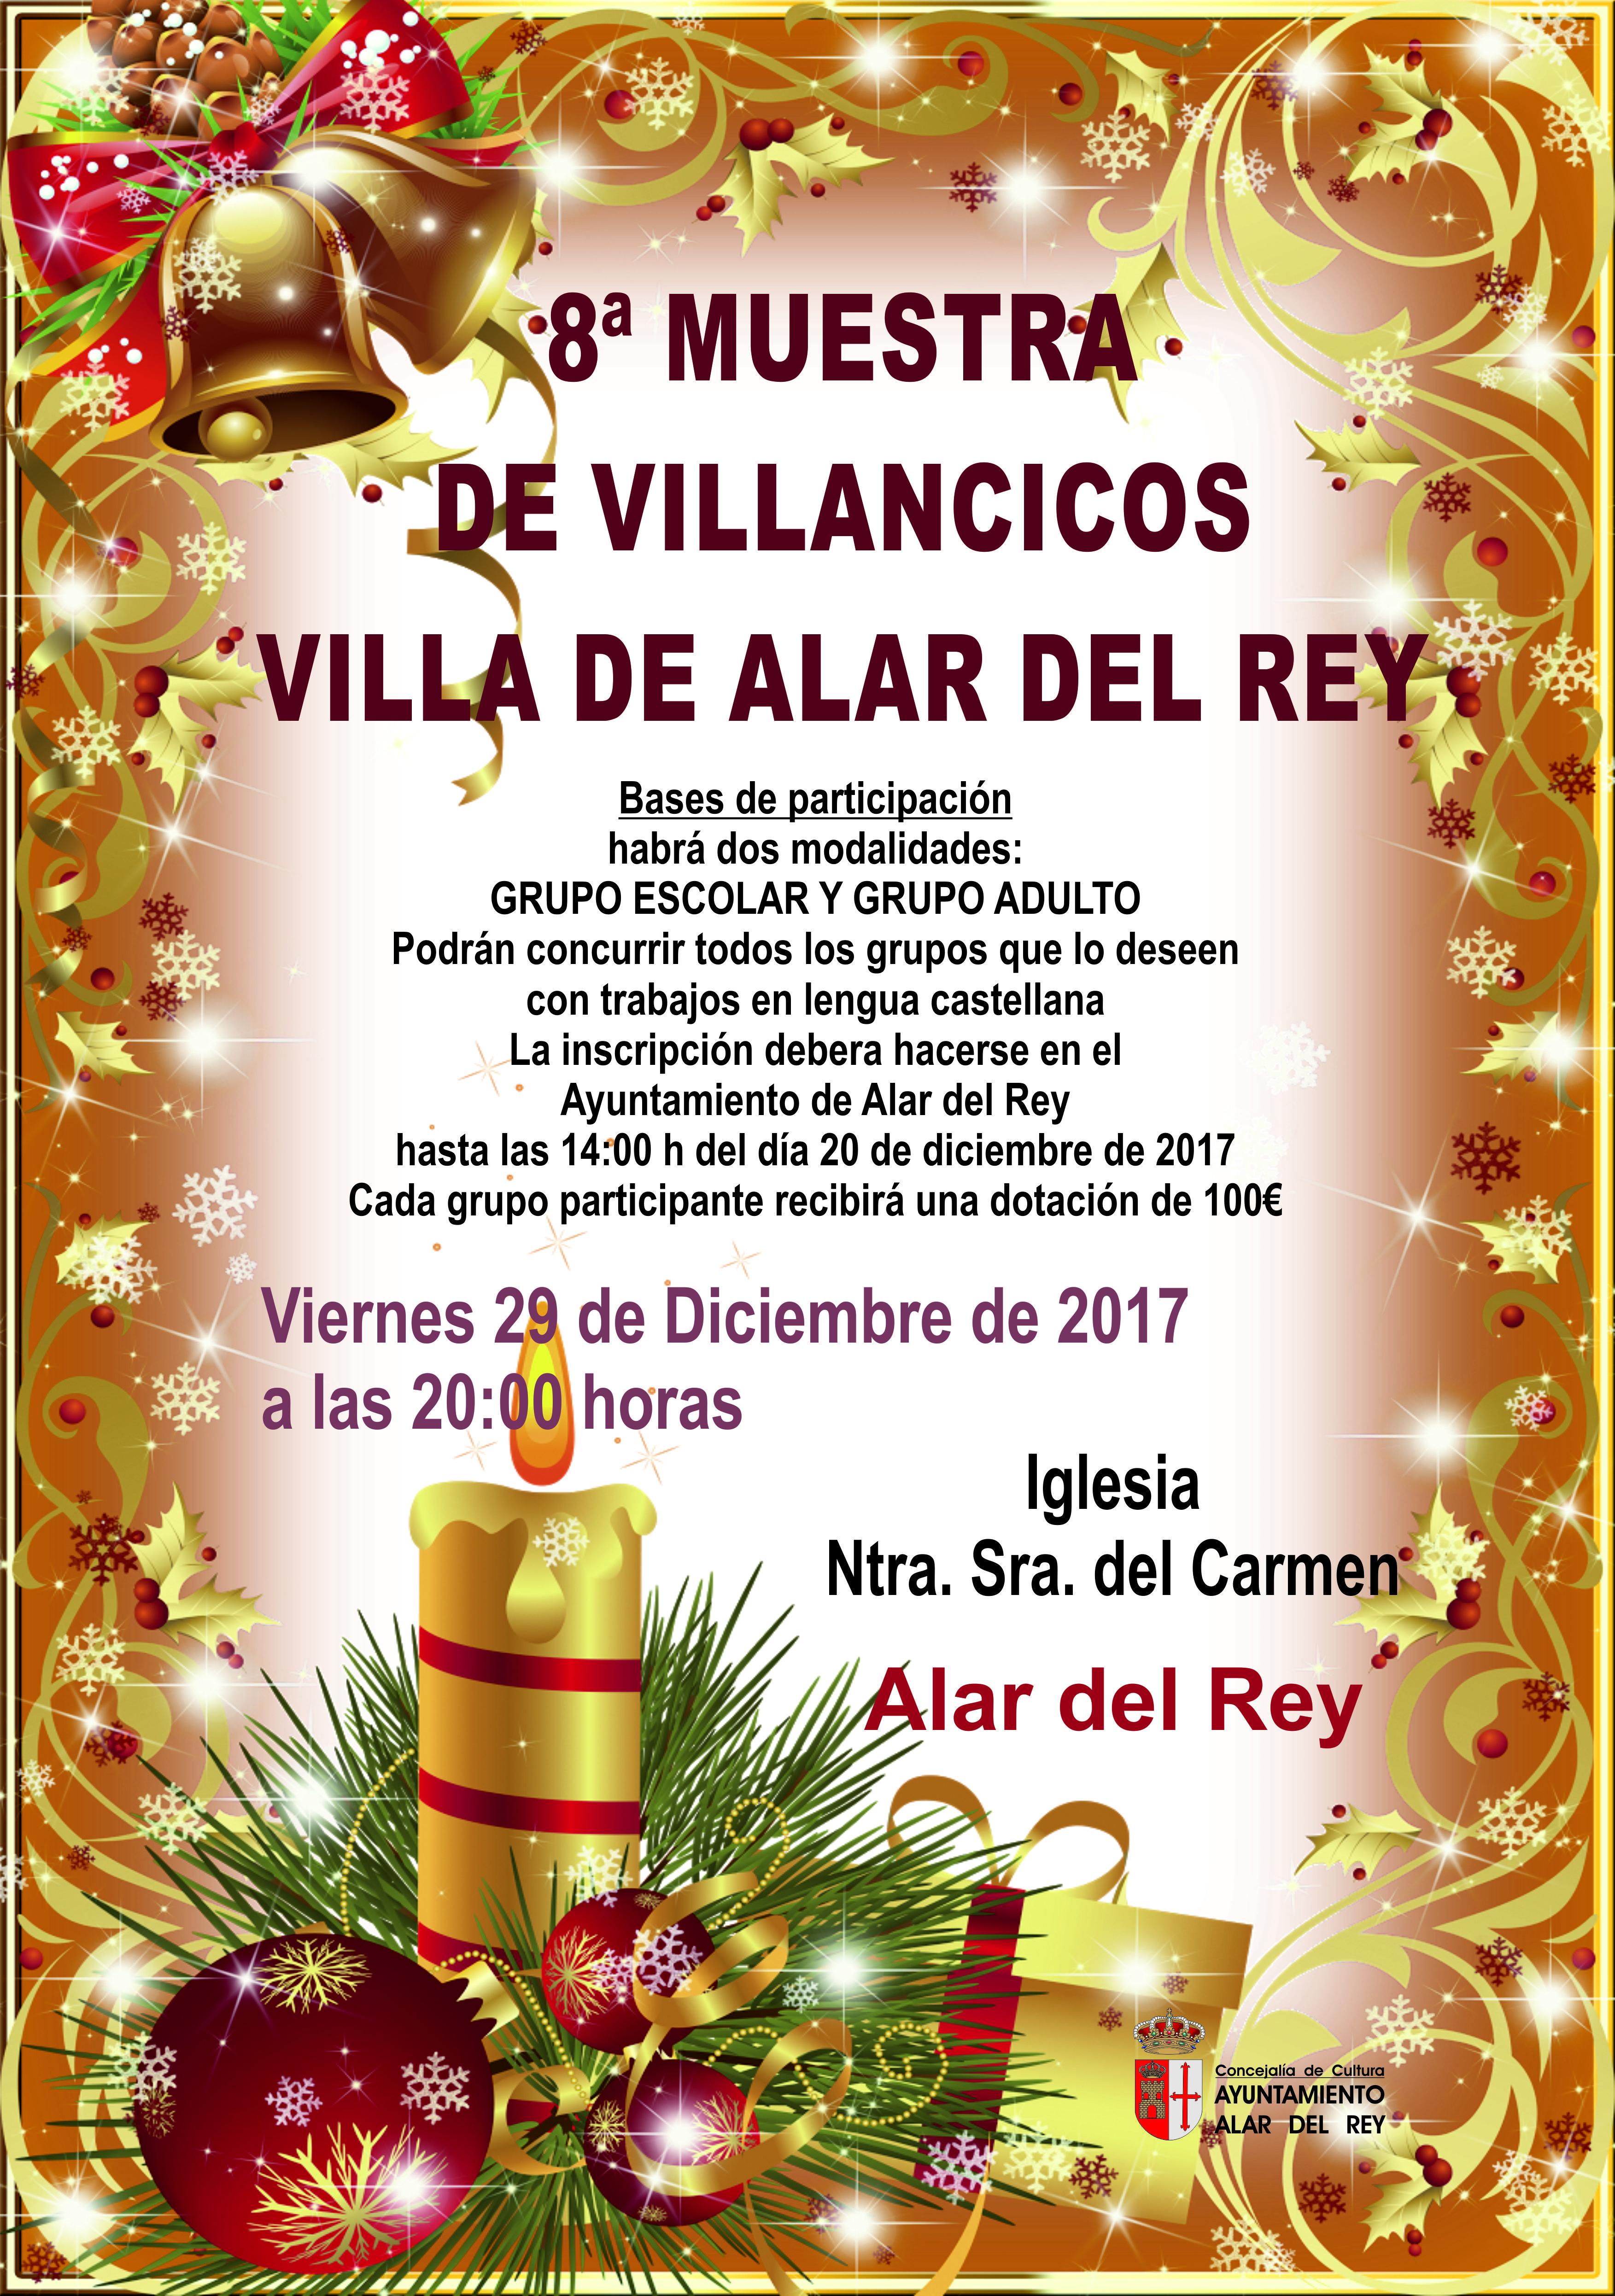 8ª Muestra de Villancicos Villa de Alar del Rey